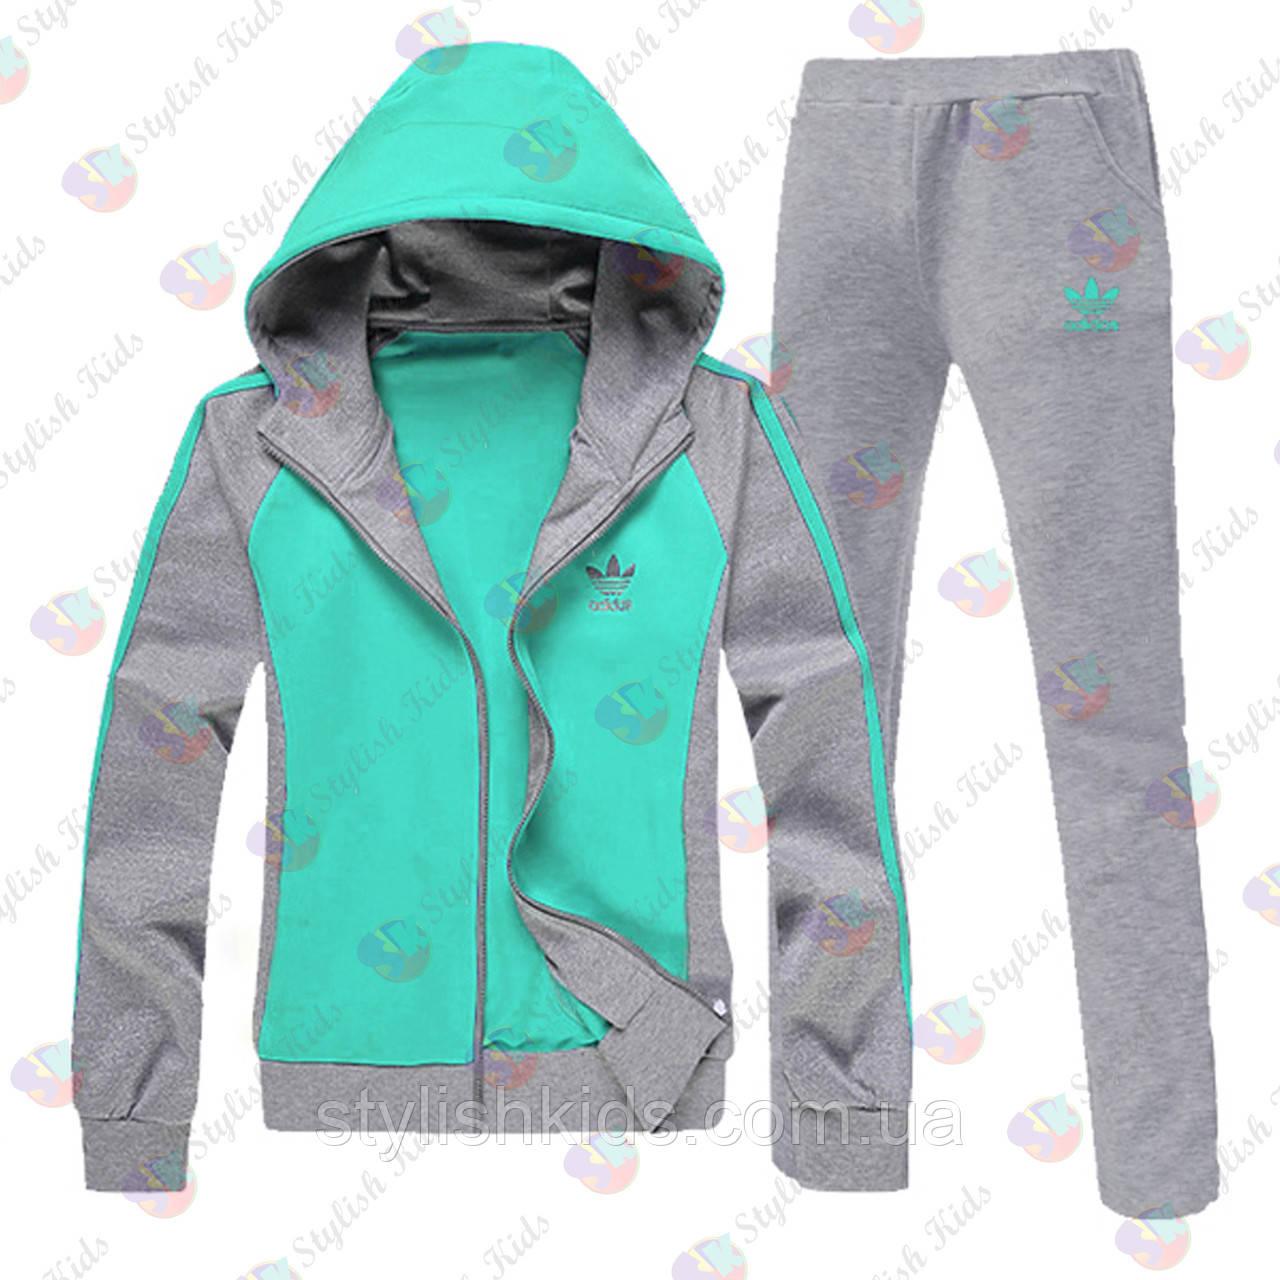 d286821c5235d4 Спортивный костюм на девочку подросток 134р-164р adidas.Спортивный костюм  адидас купить в интернет